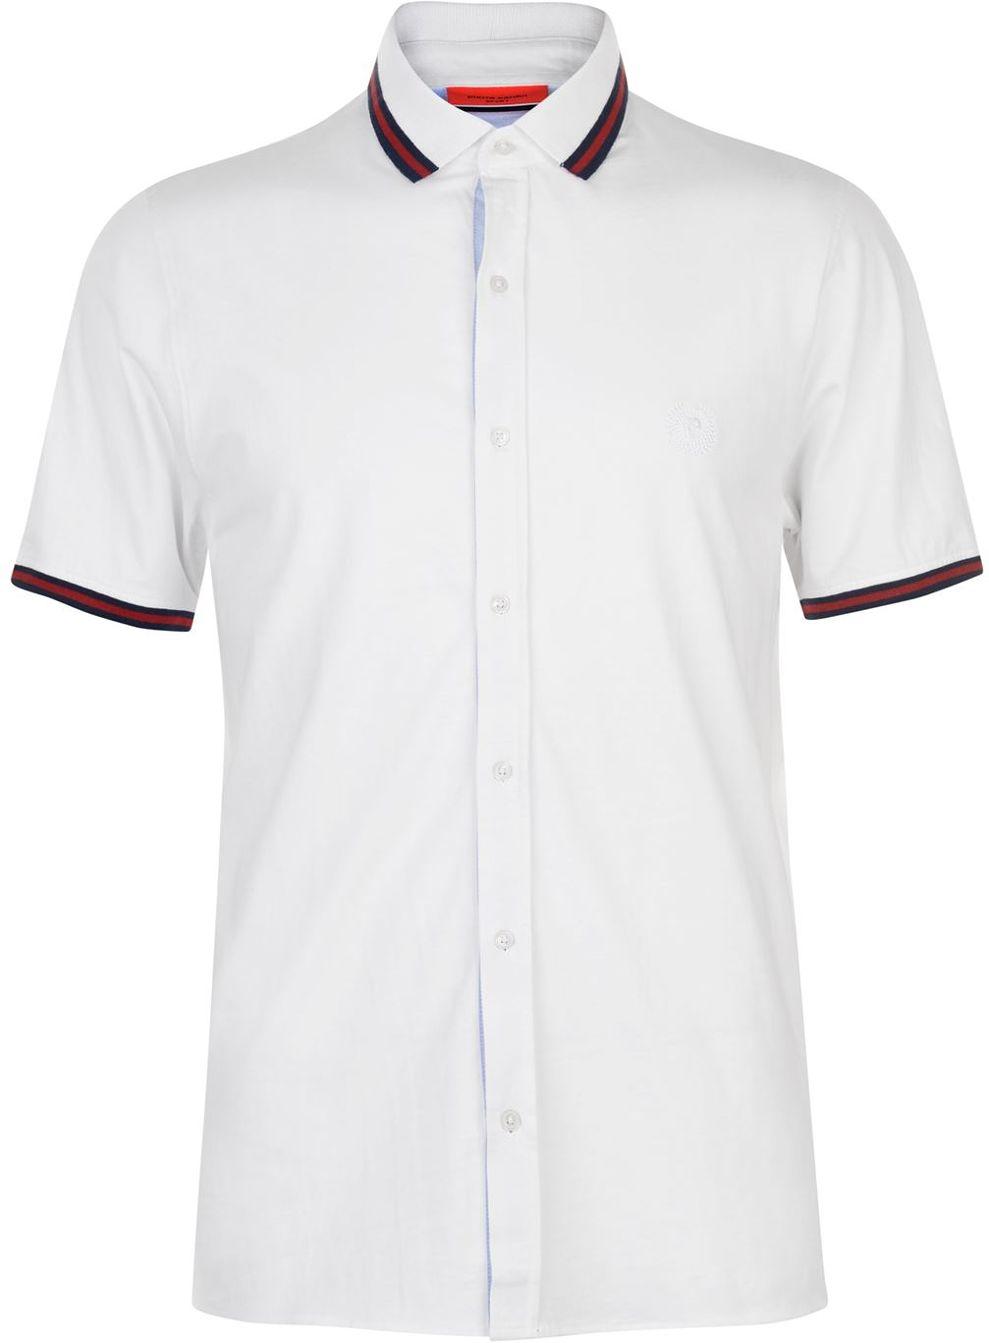 Pánská košile s krátkým rukávem Pierre Cardin vel. L